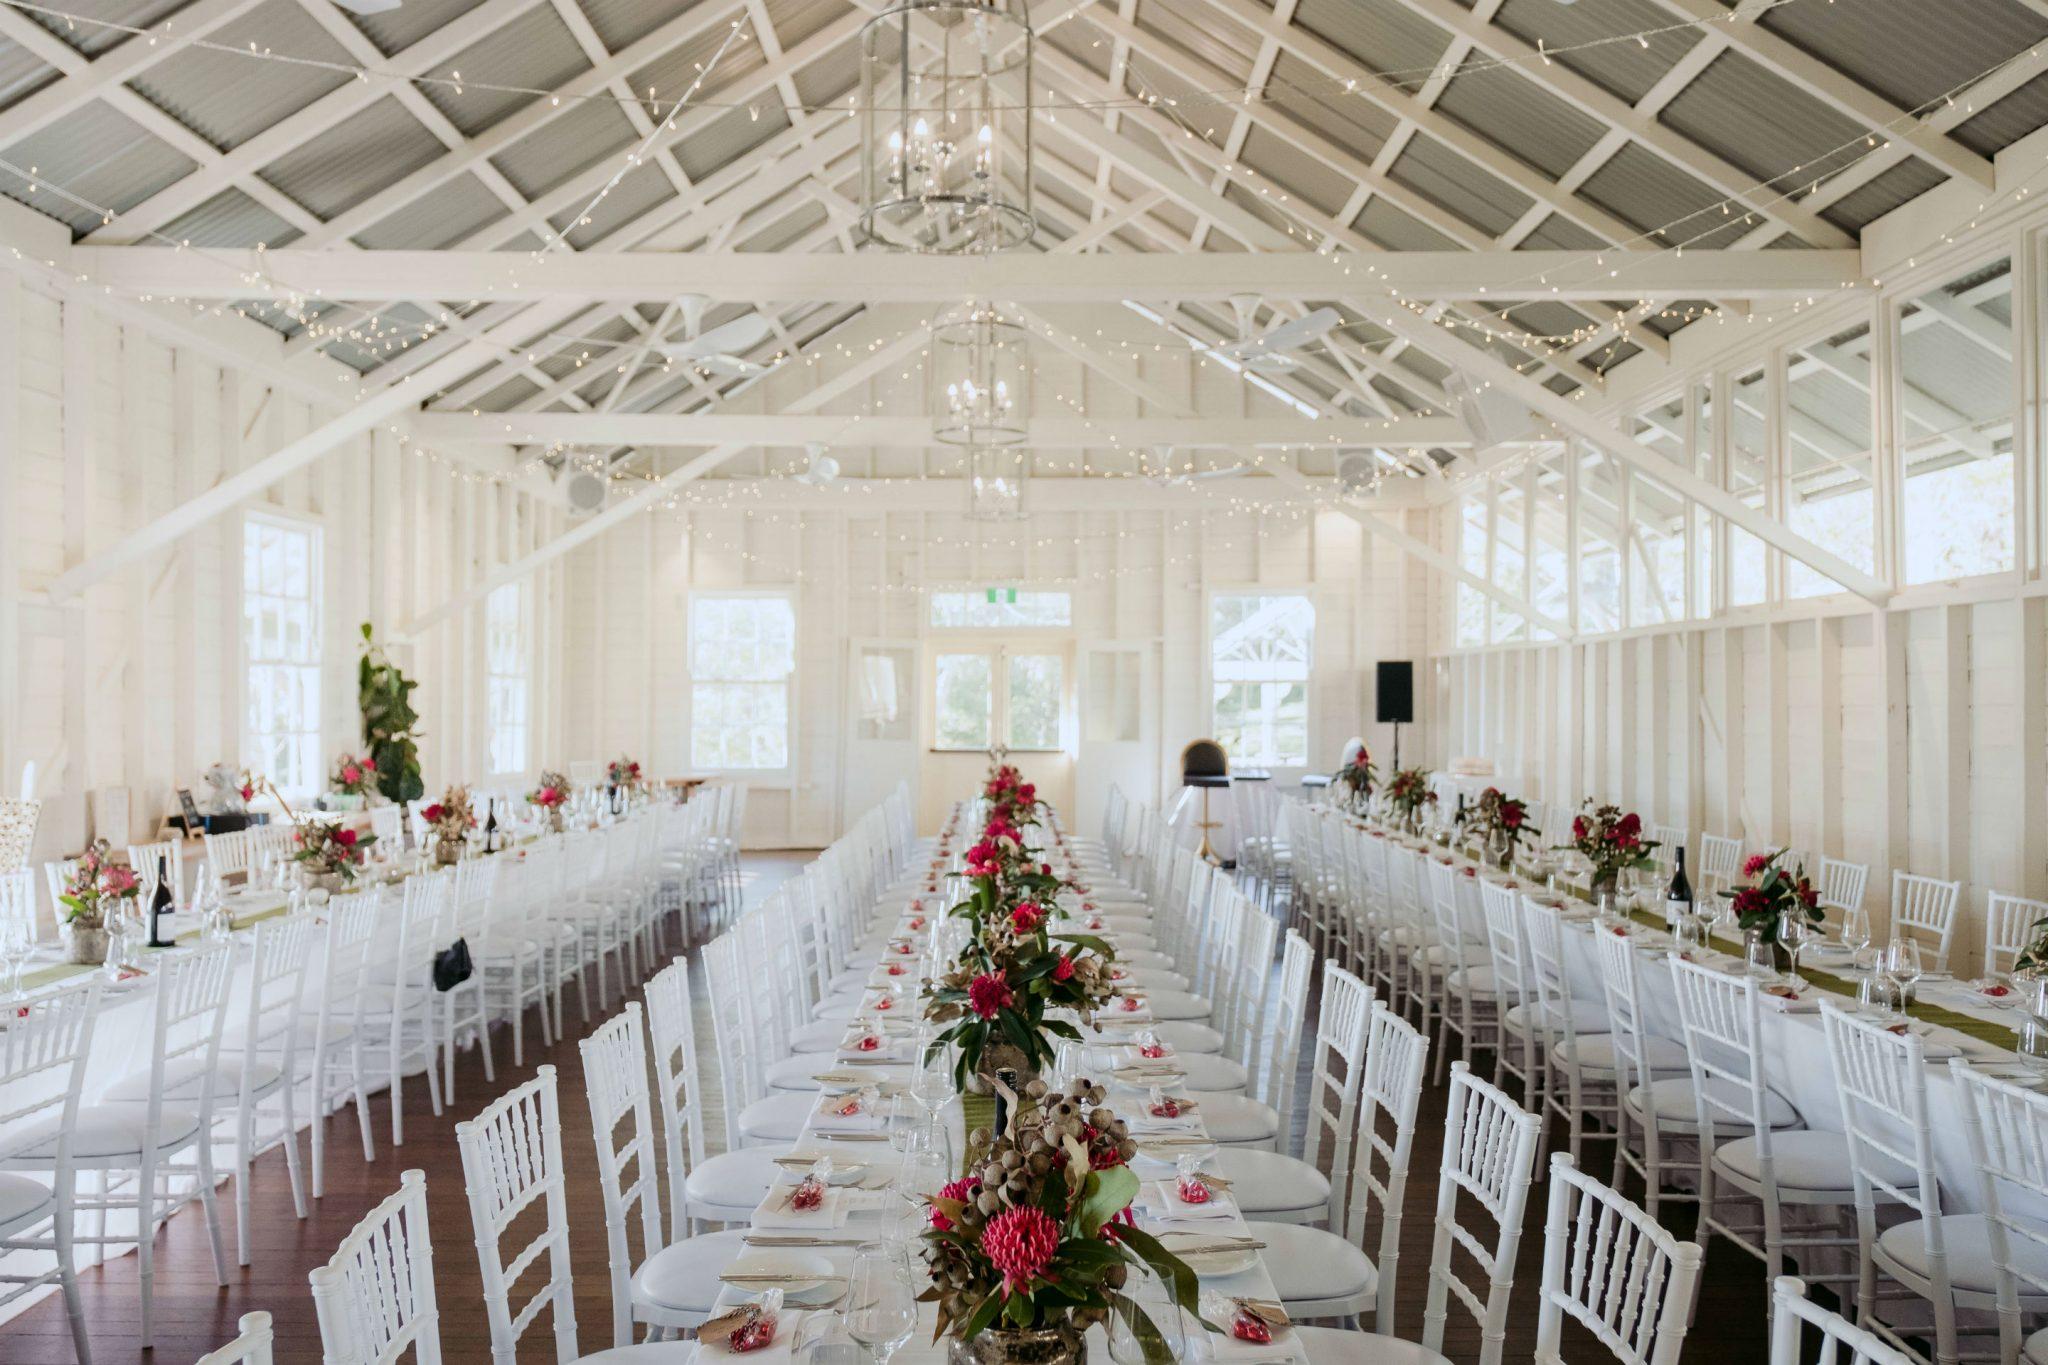 How to Choose a Wedding Venue: Complete Guide - Tagvenue.com